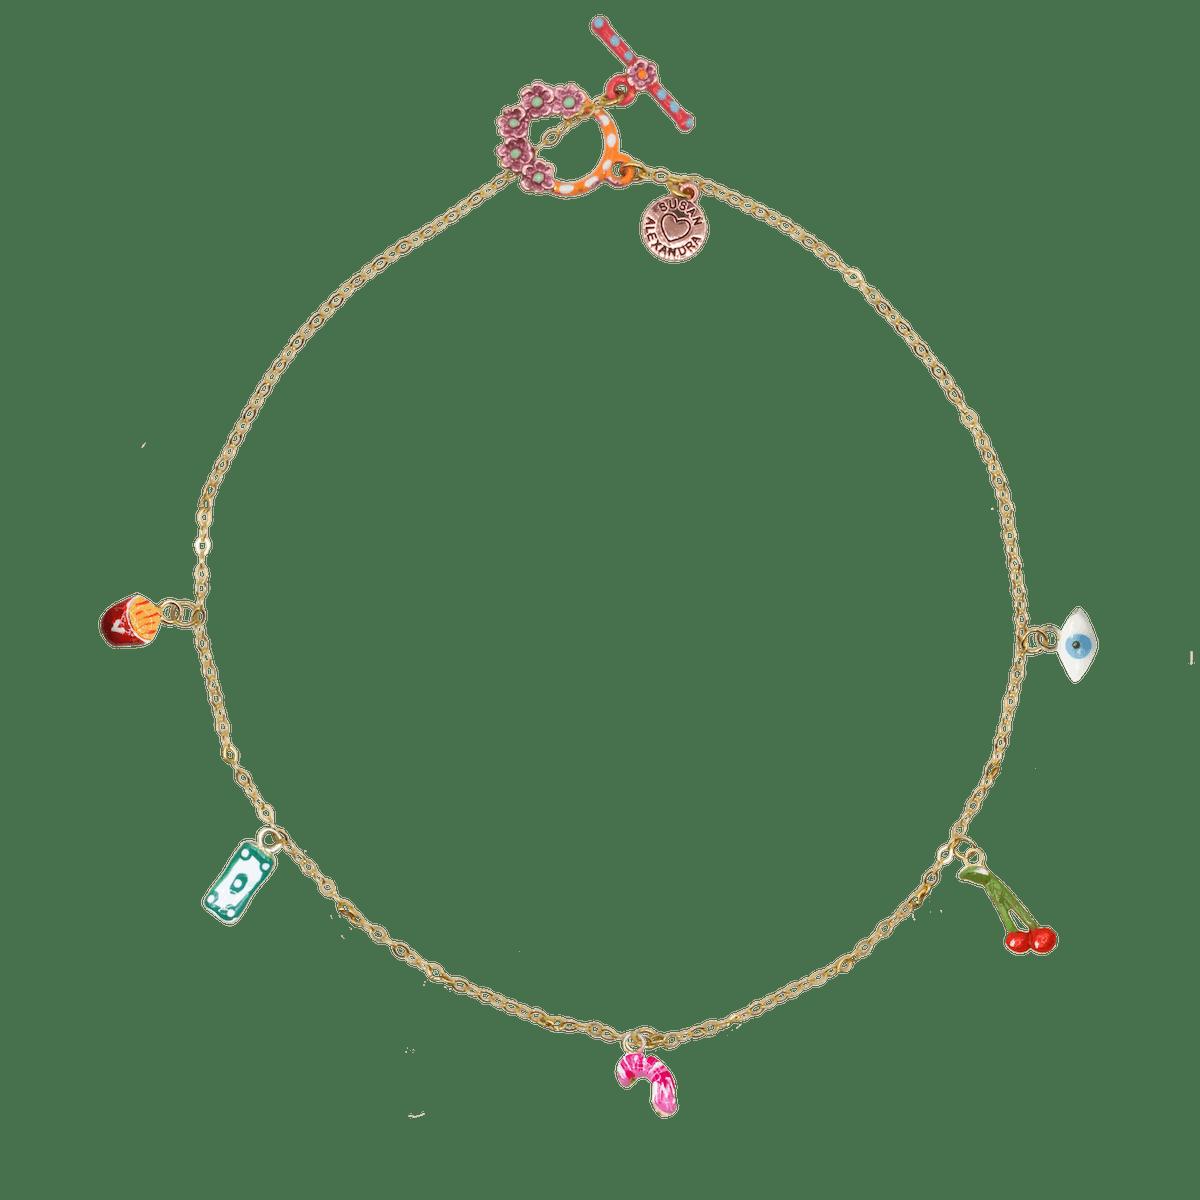 Tiny Joys Necklace